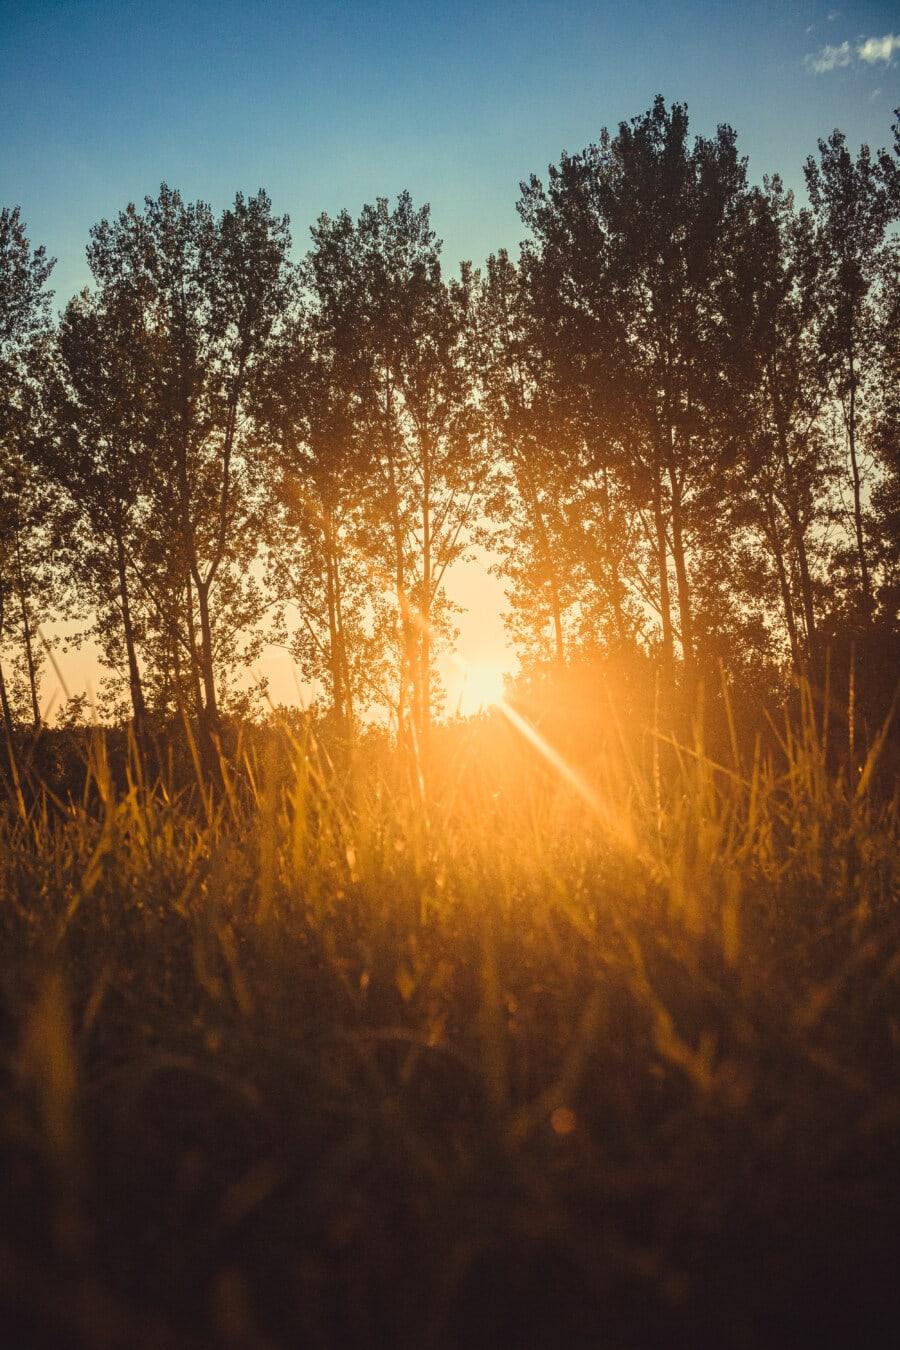 Съншайн, Слънчев, Светлината на слънцето, слънце, слънчевите лъчи, дървета, тревни растения, светъл, светлина, подсветка